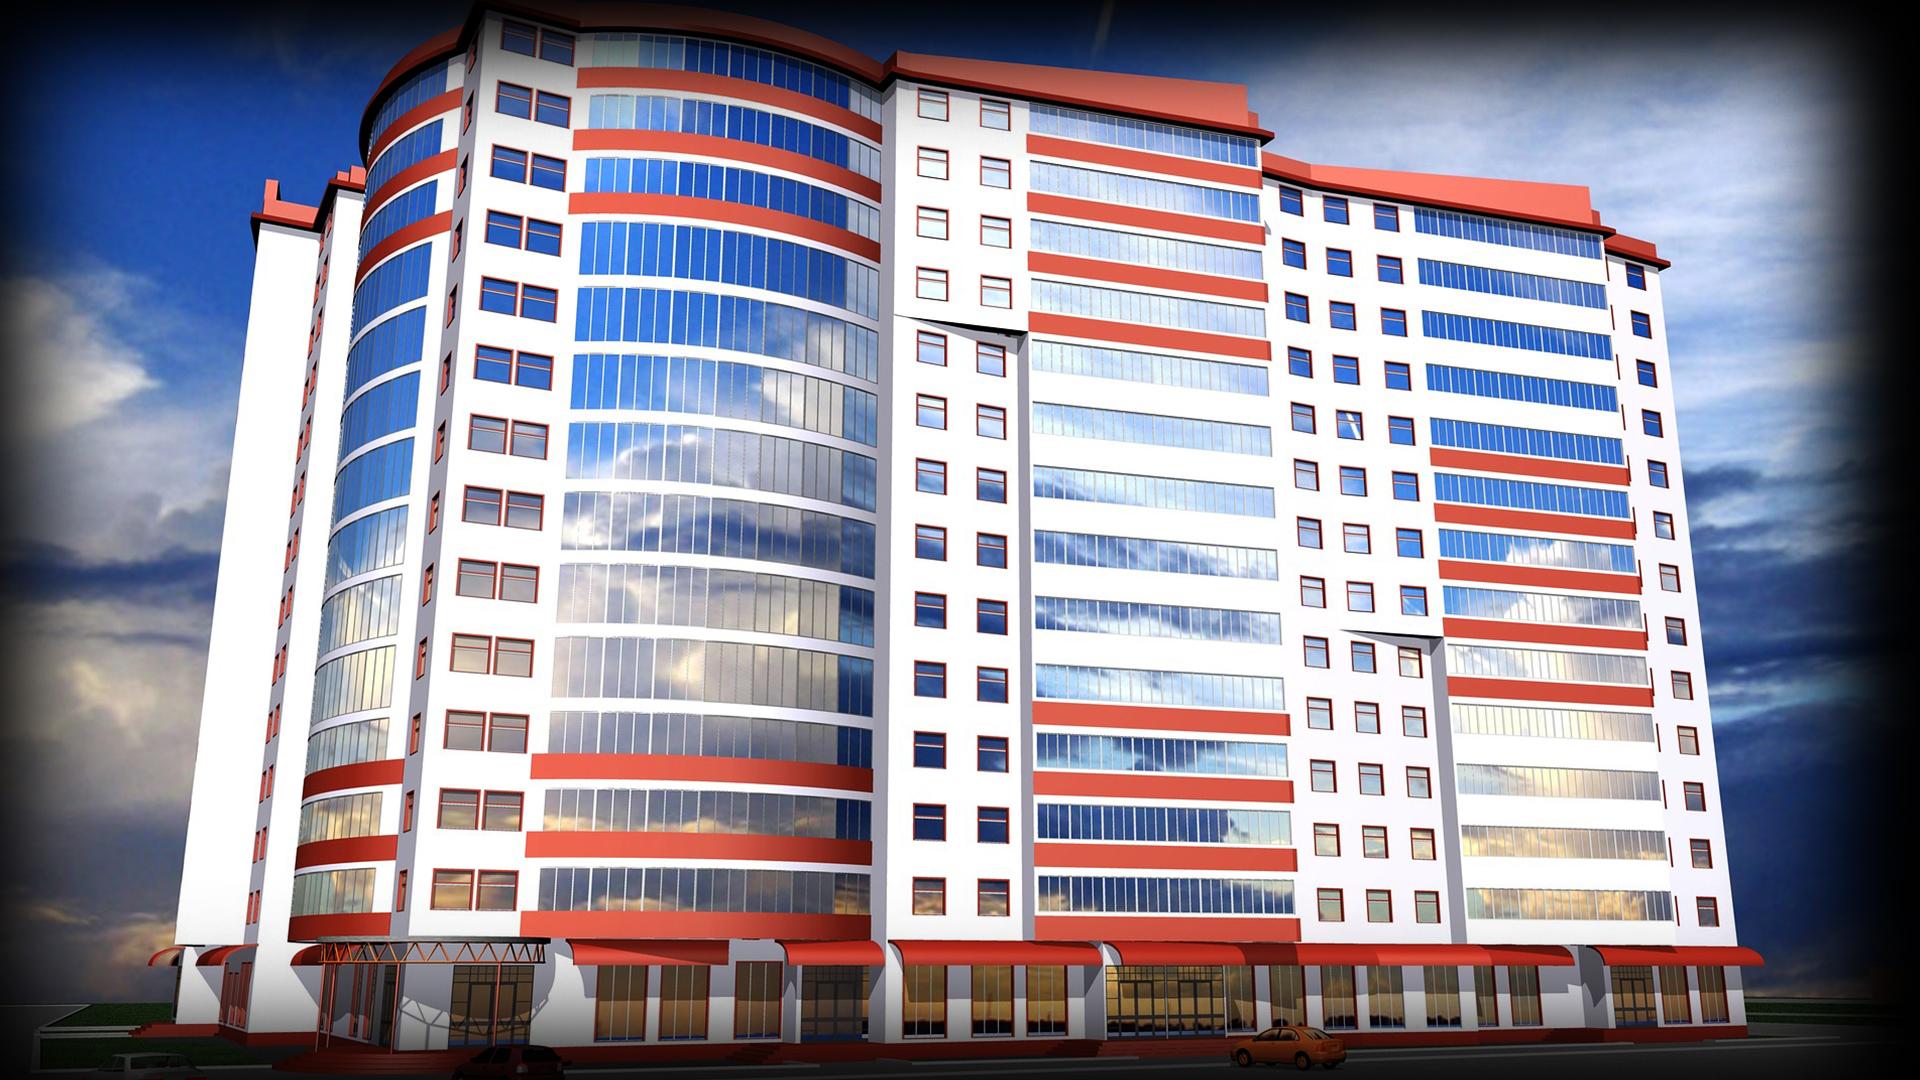 simulacion-3d-arquitectura-grupoaudiovisual